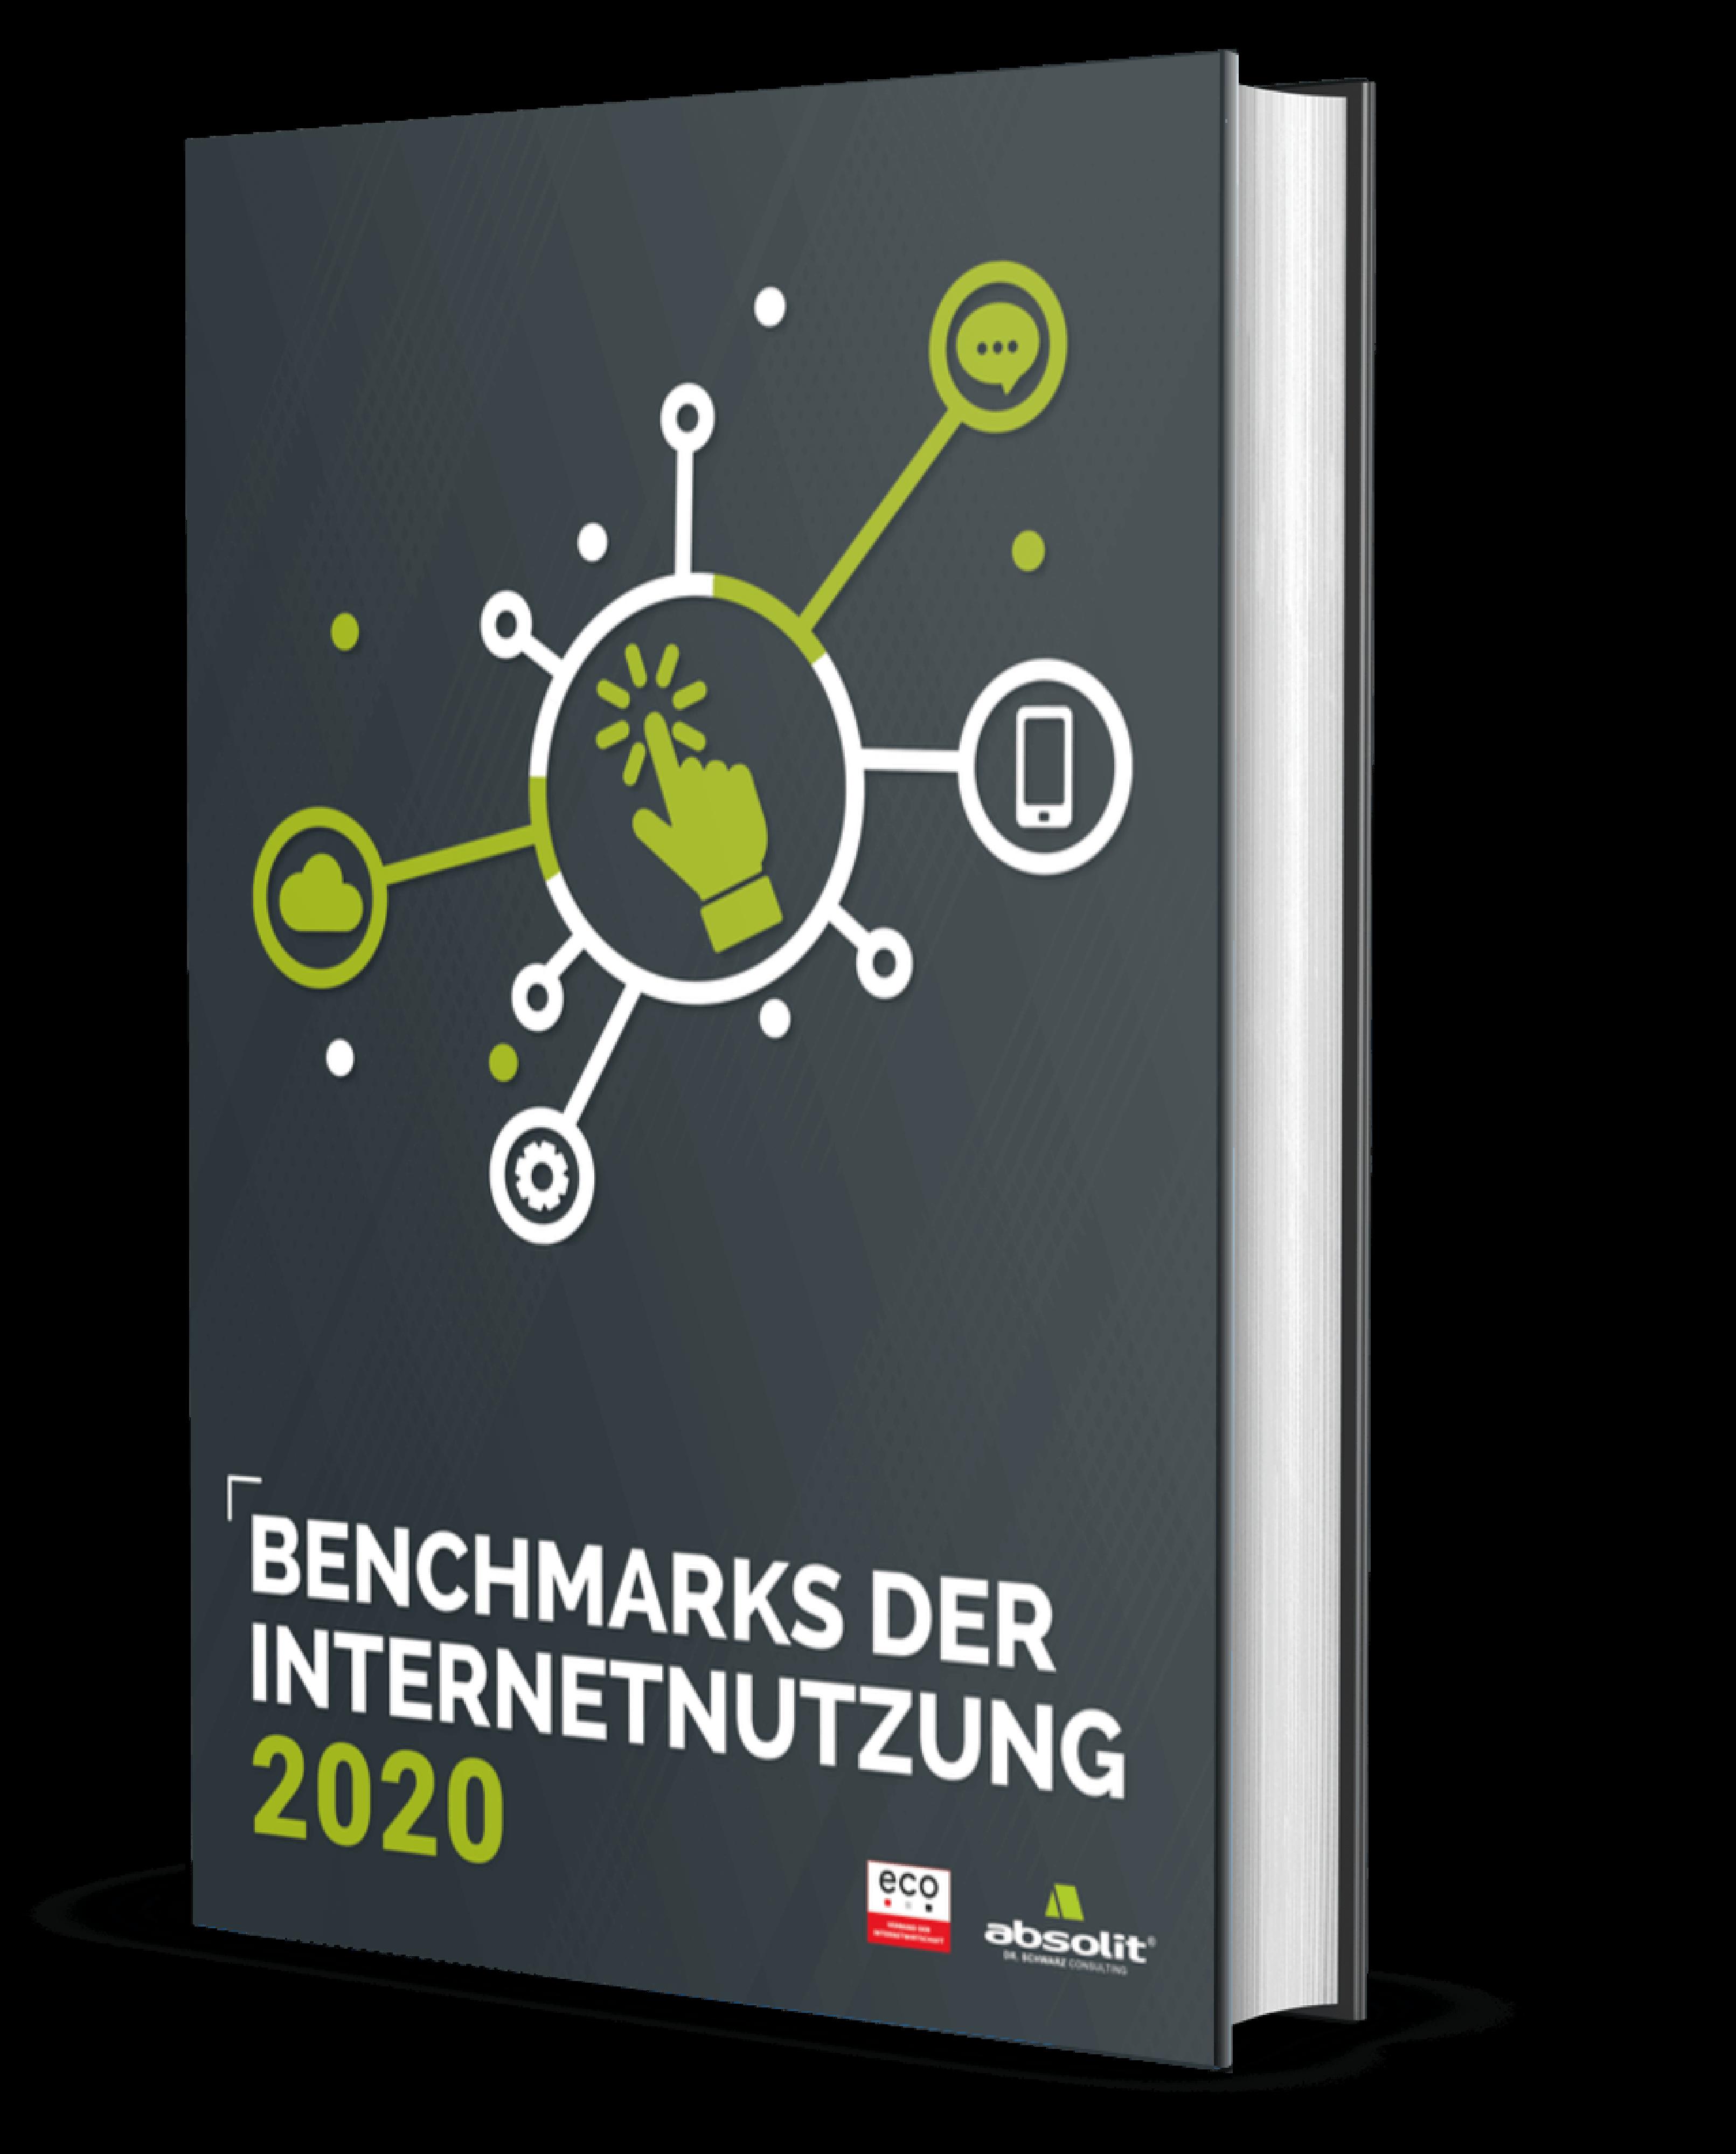 benchmarks der internetnutzung 2020 cover mockup - Benchmarks der Internetnutzung 2020